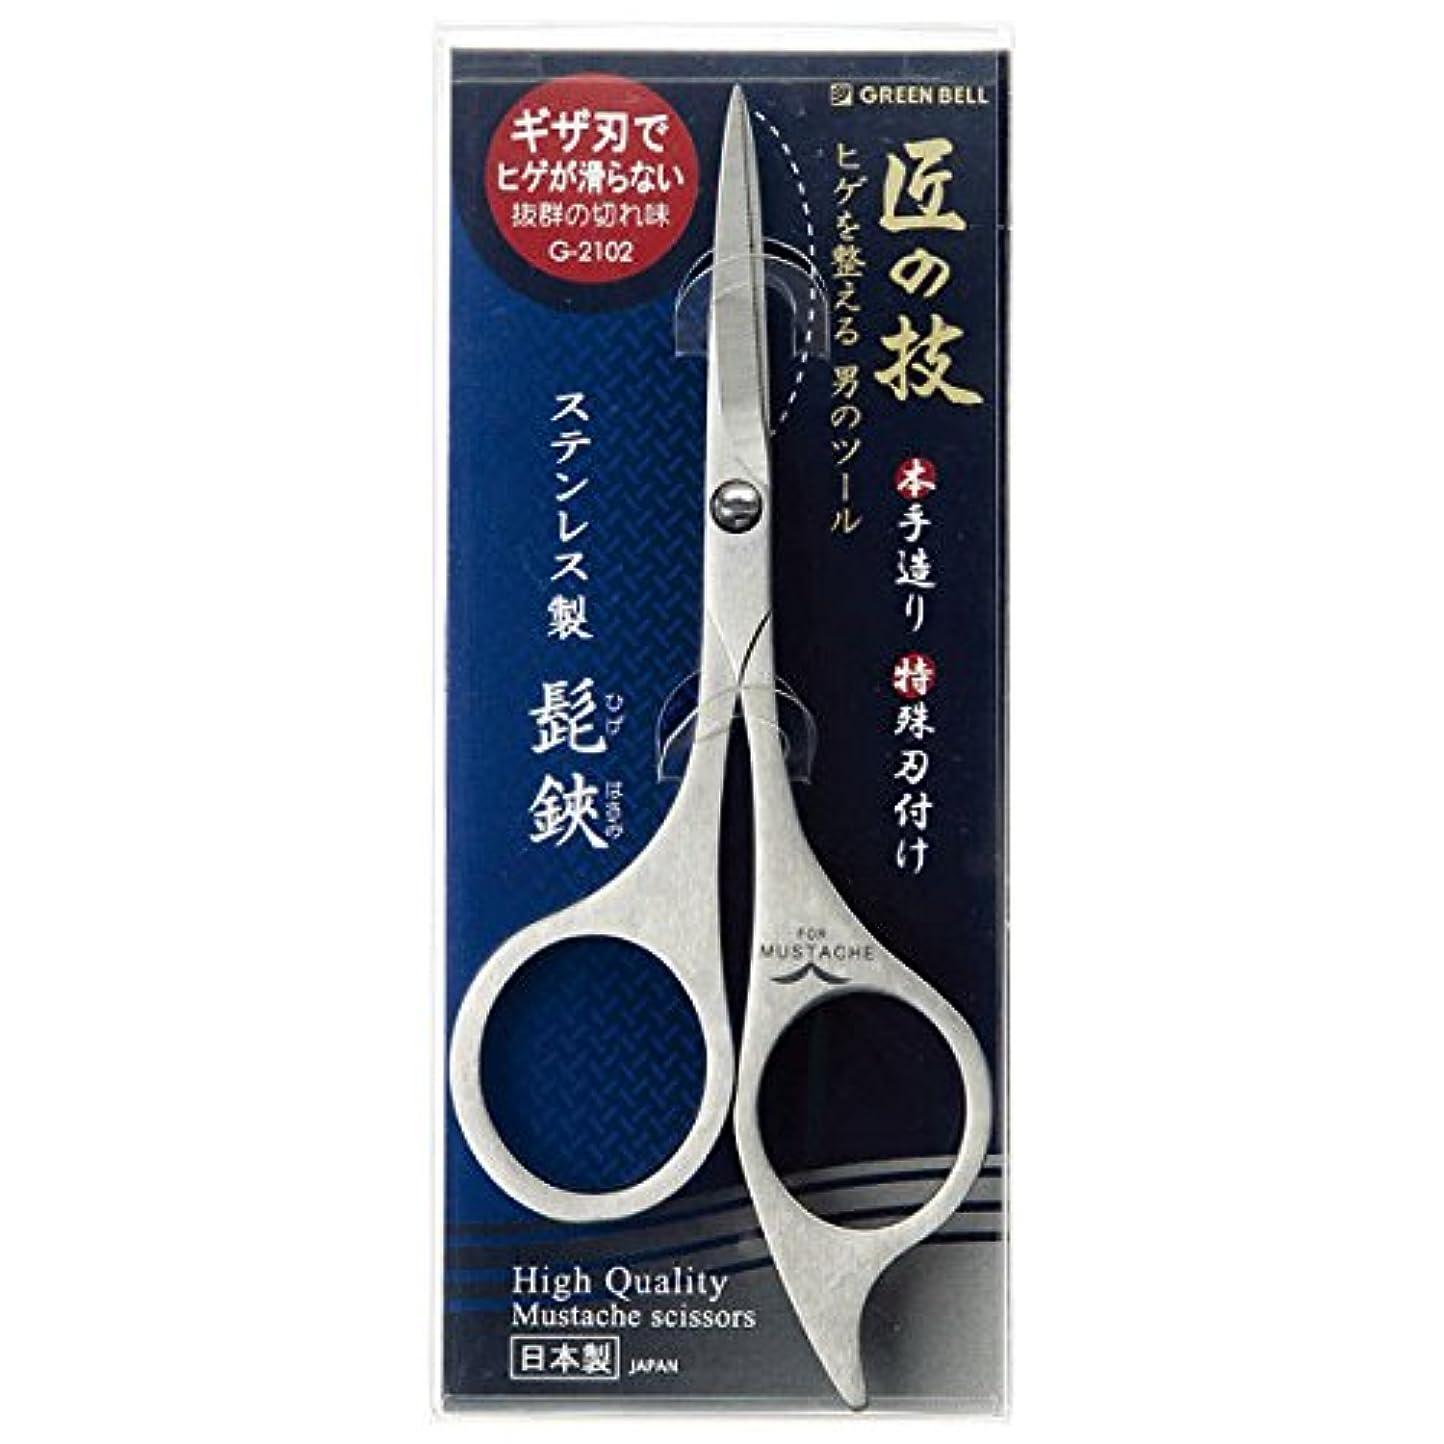 スピンスクリューサイクルグリーンベル:匠の技髭はさみ G-2102 001483000078